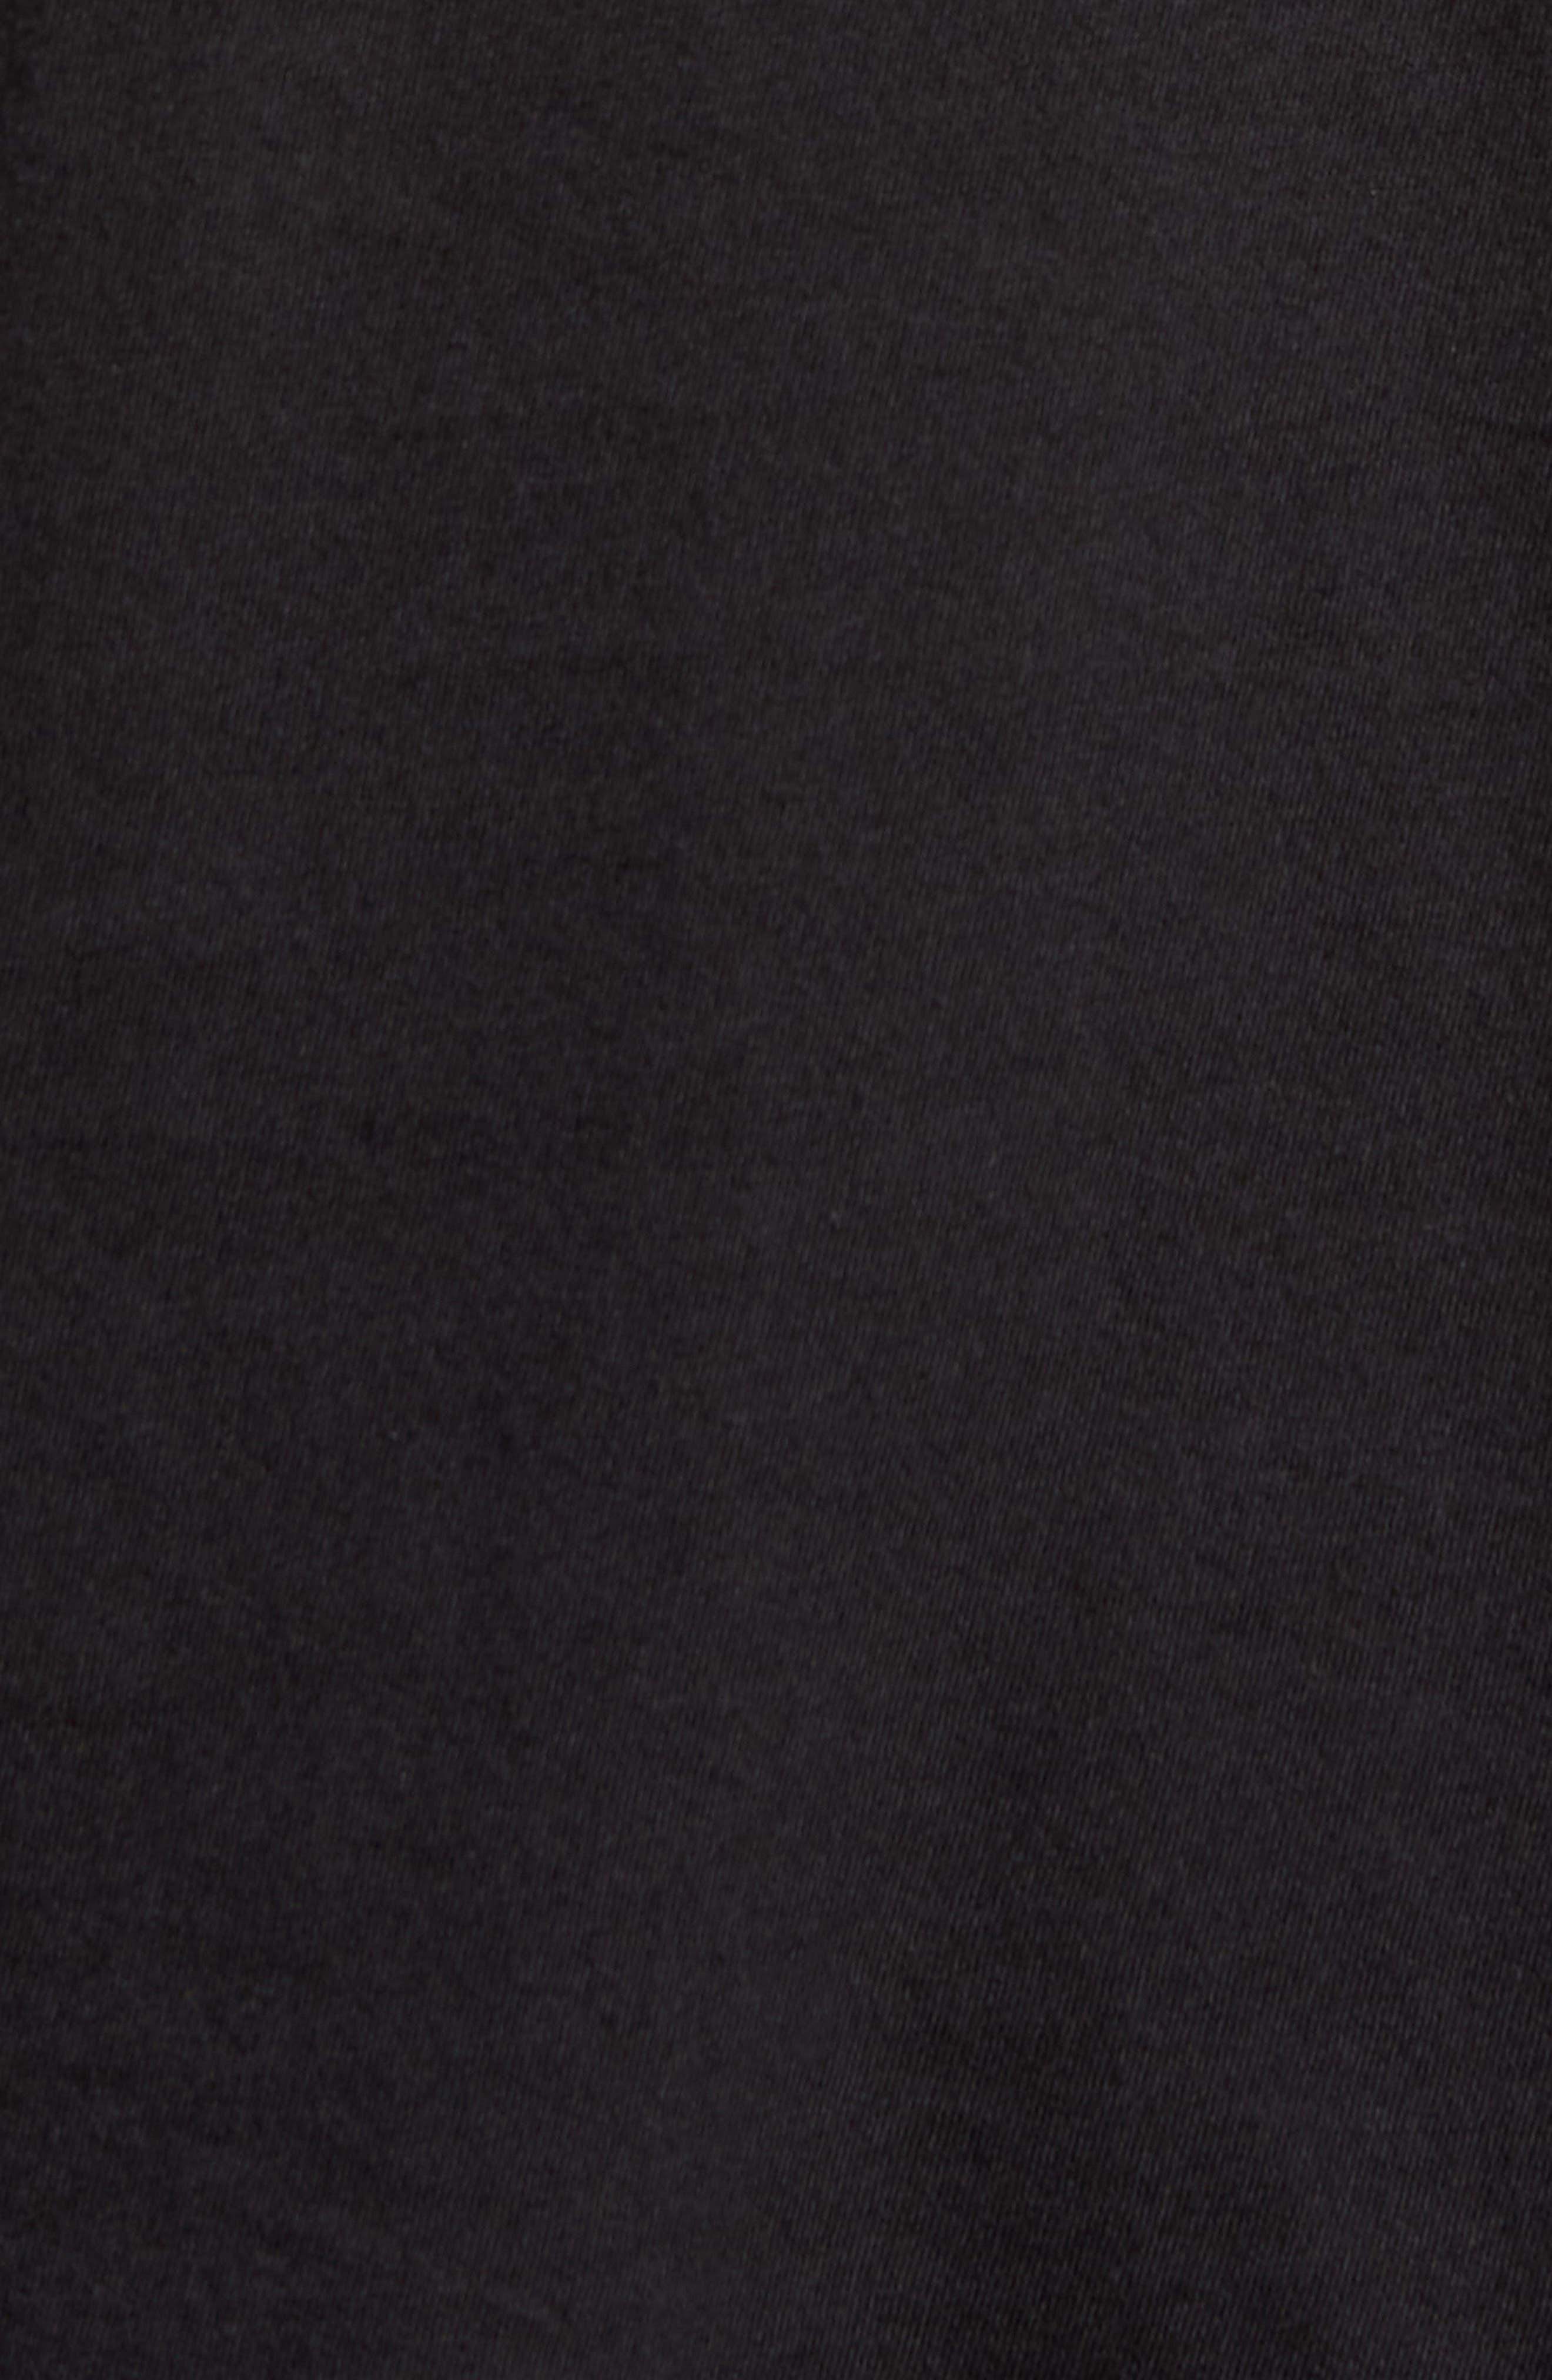 Horizon Motors T-Shirt,                             Alternate thumbnail 5, color,                             001